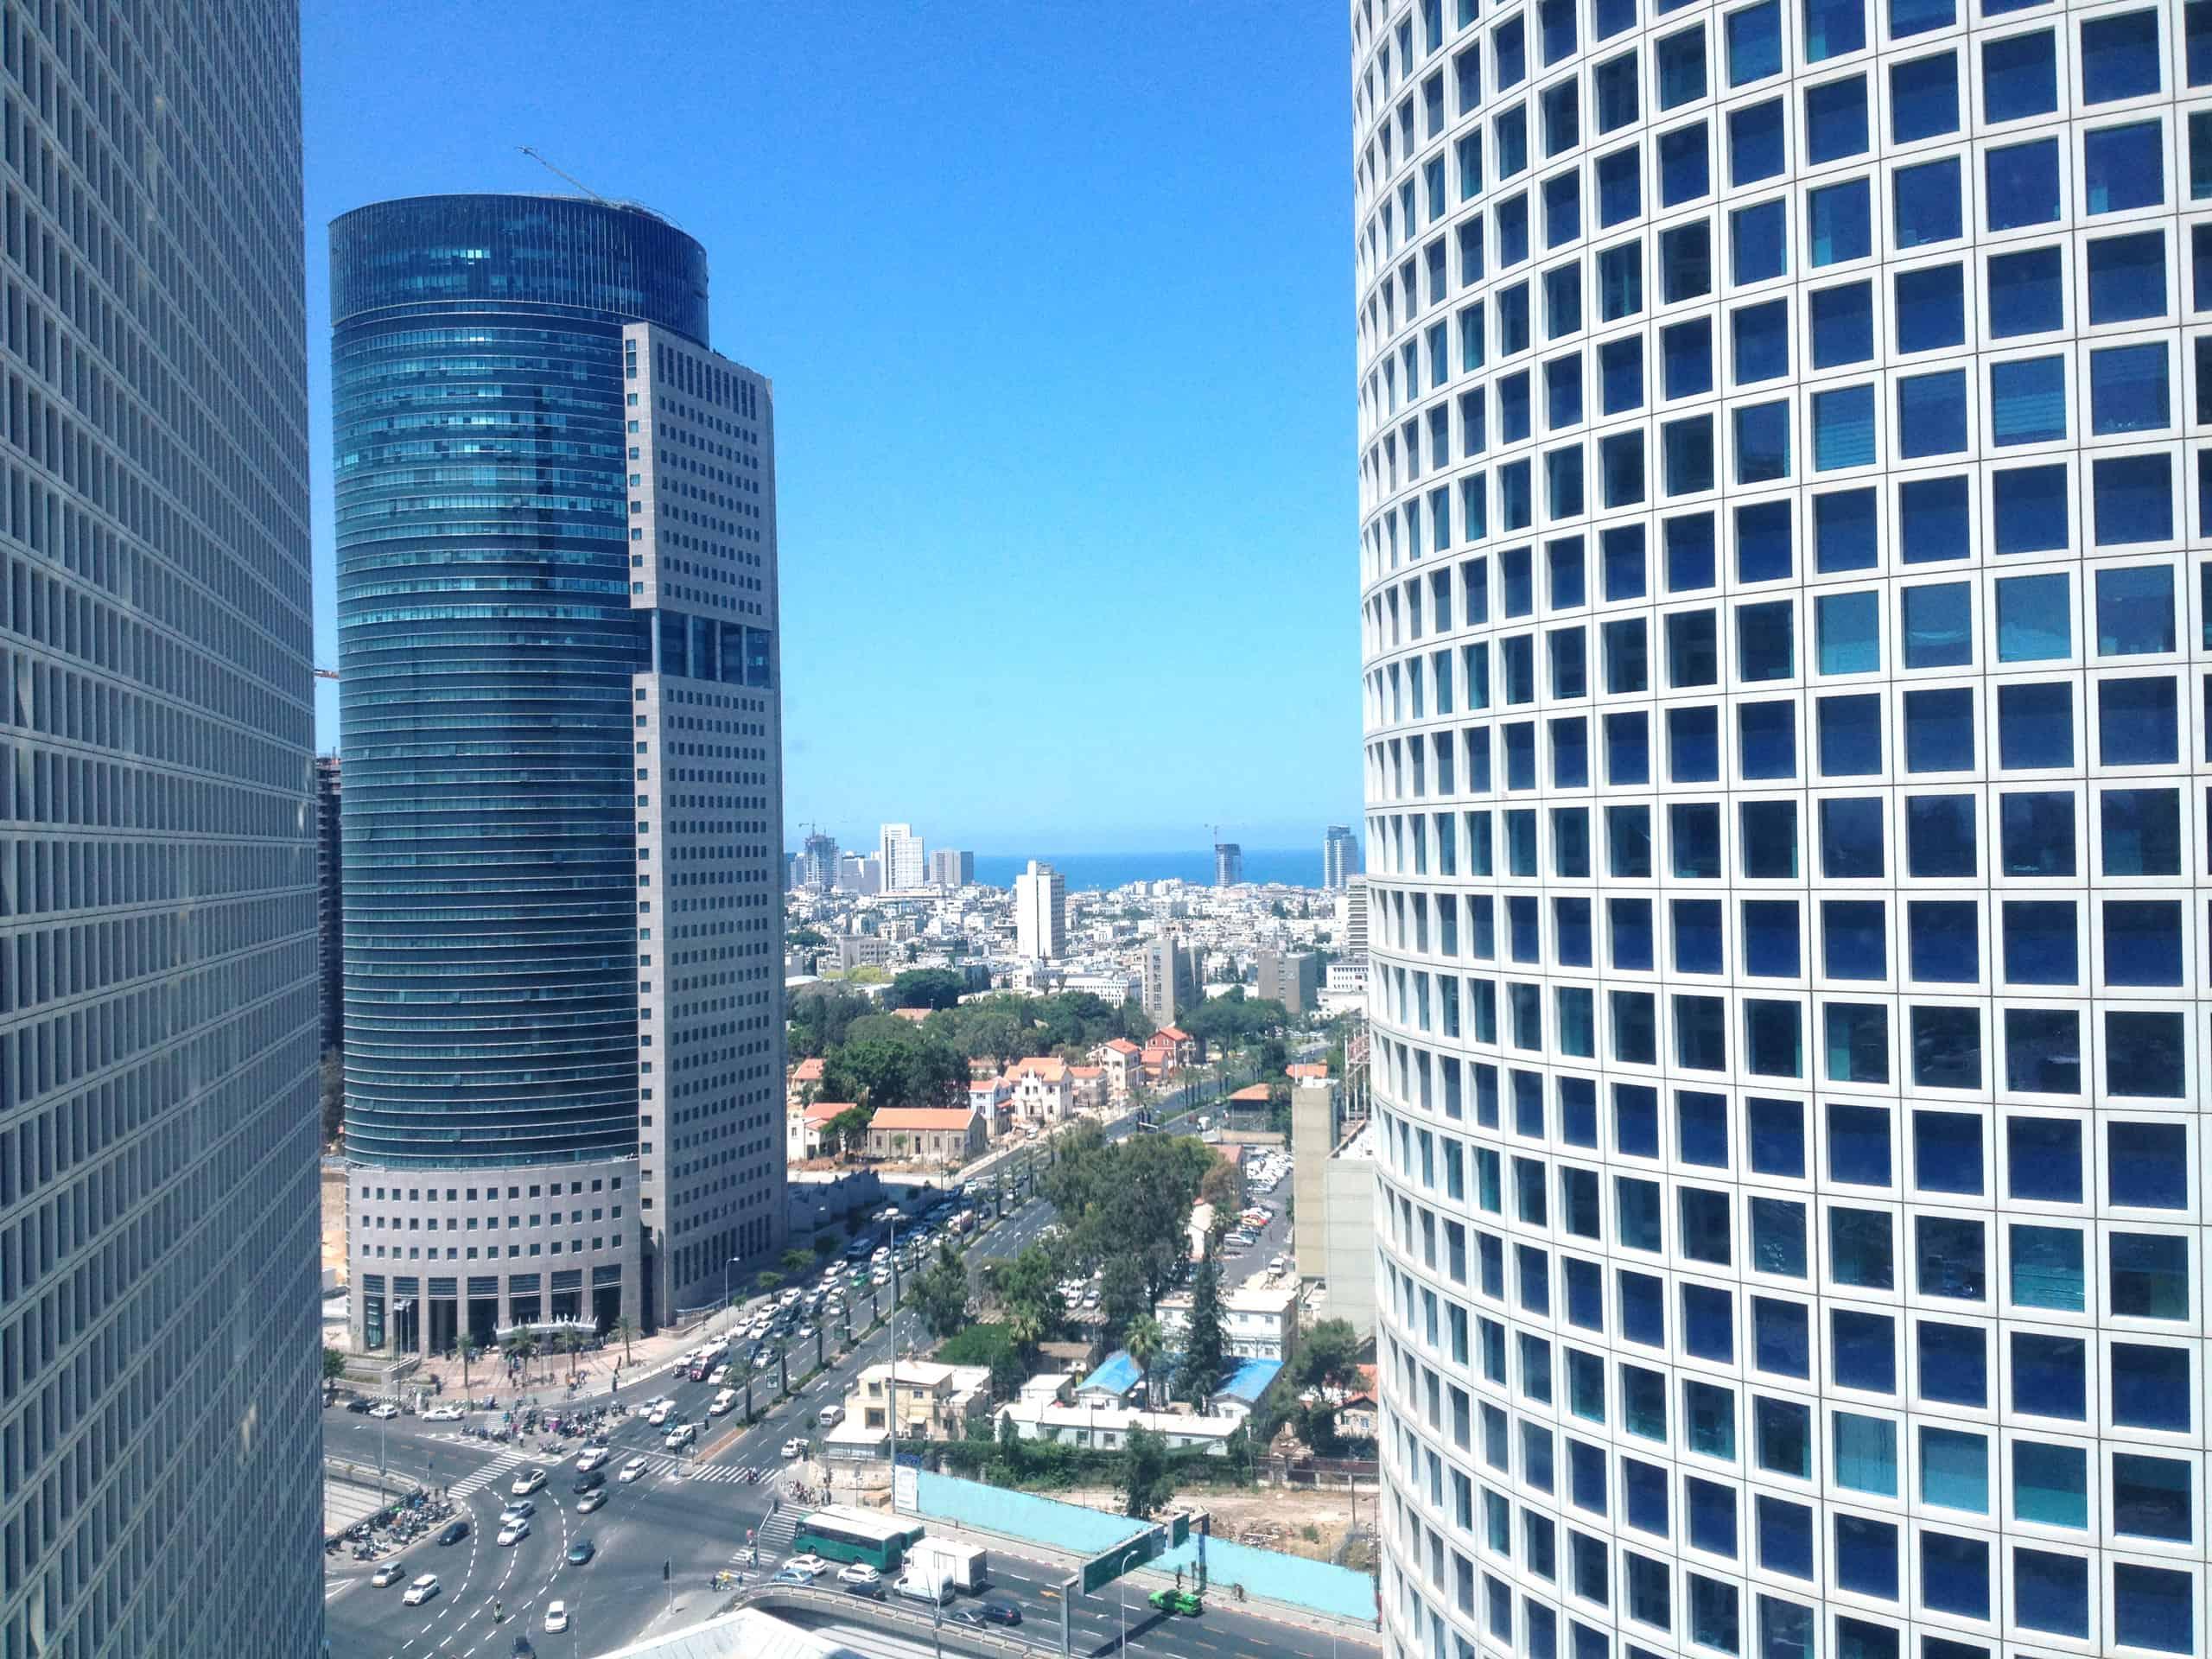 חללי עבודה בתל אביב, כיצד בוחרים חללי עבודה בתל אביב, ספייסנטר